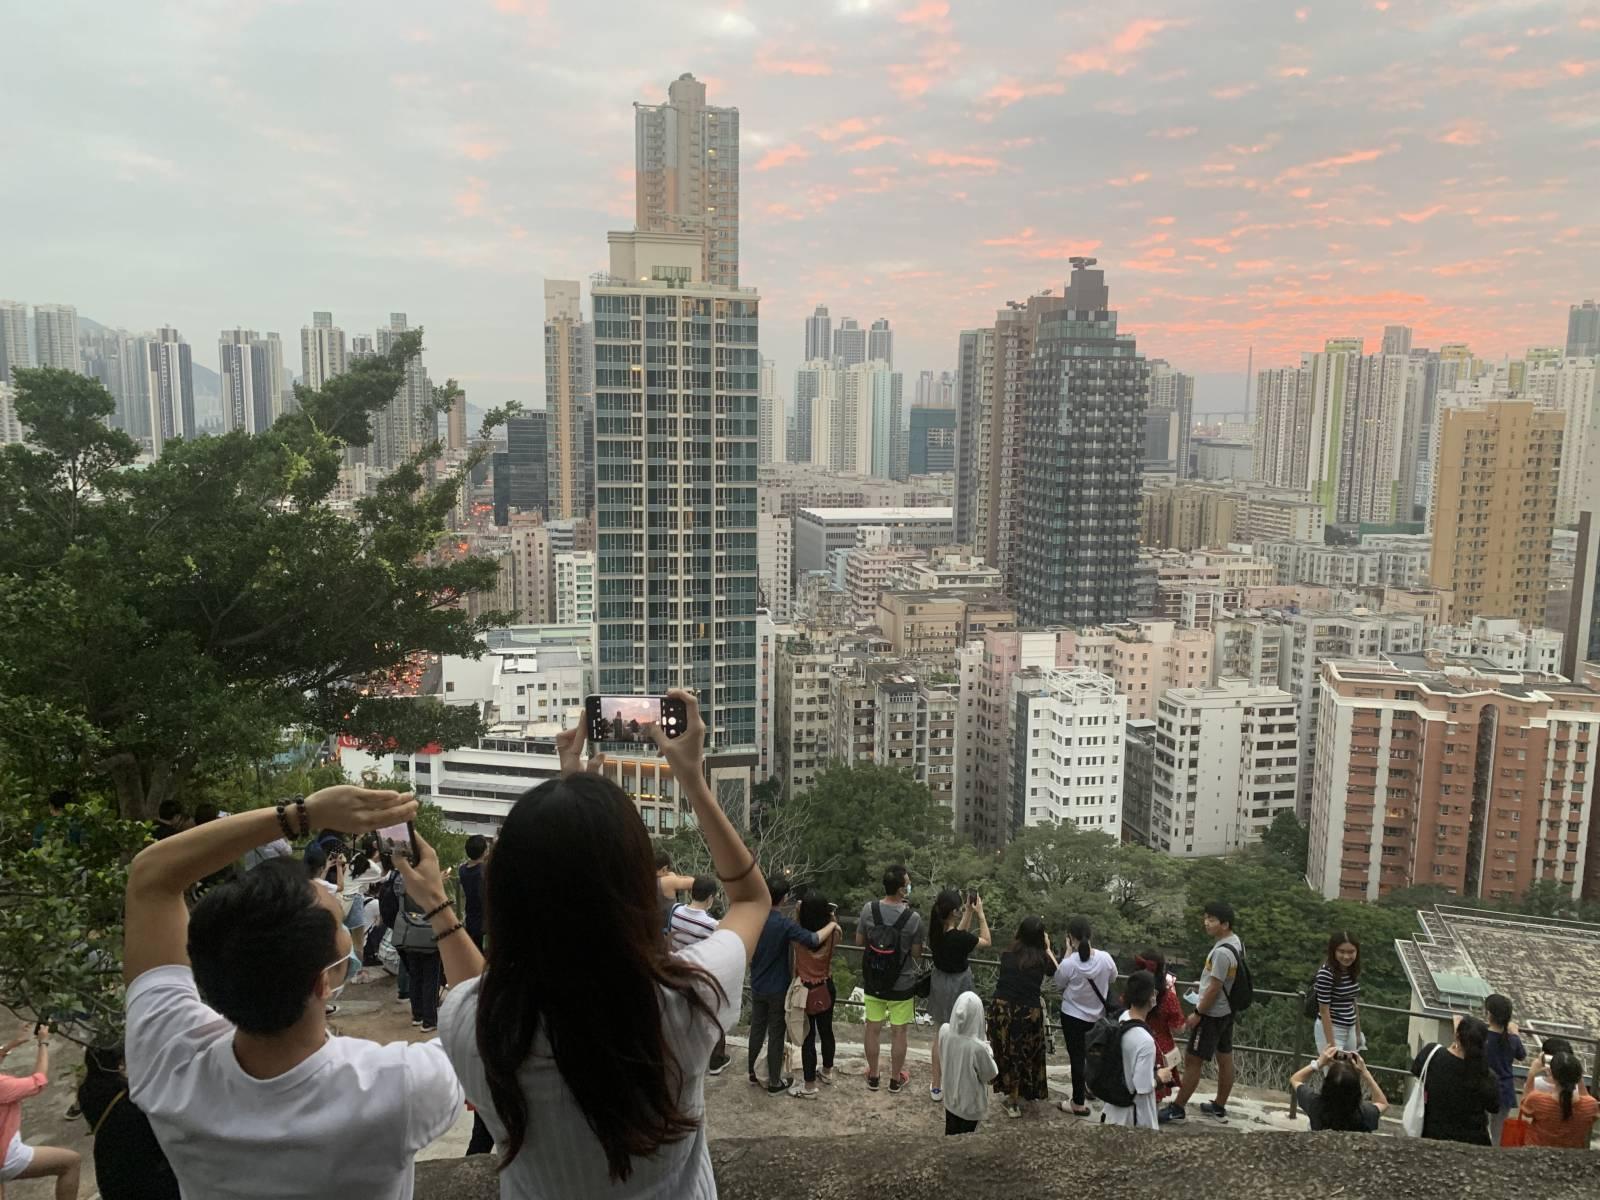 10月25日逢重陽節小長假,香港市民出外消遣度假。當天,秋高氣爽,有不少市民前往深水埗嘉頓山觀賞日落及美麗的夜景。(香港中通社圖片)